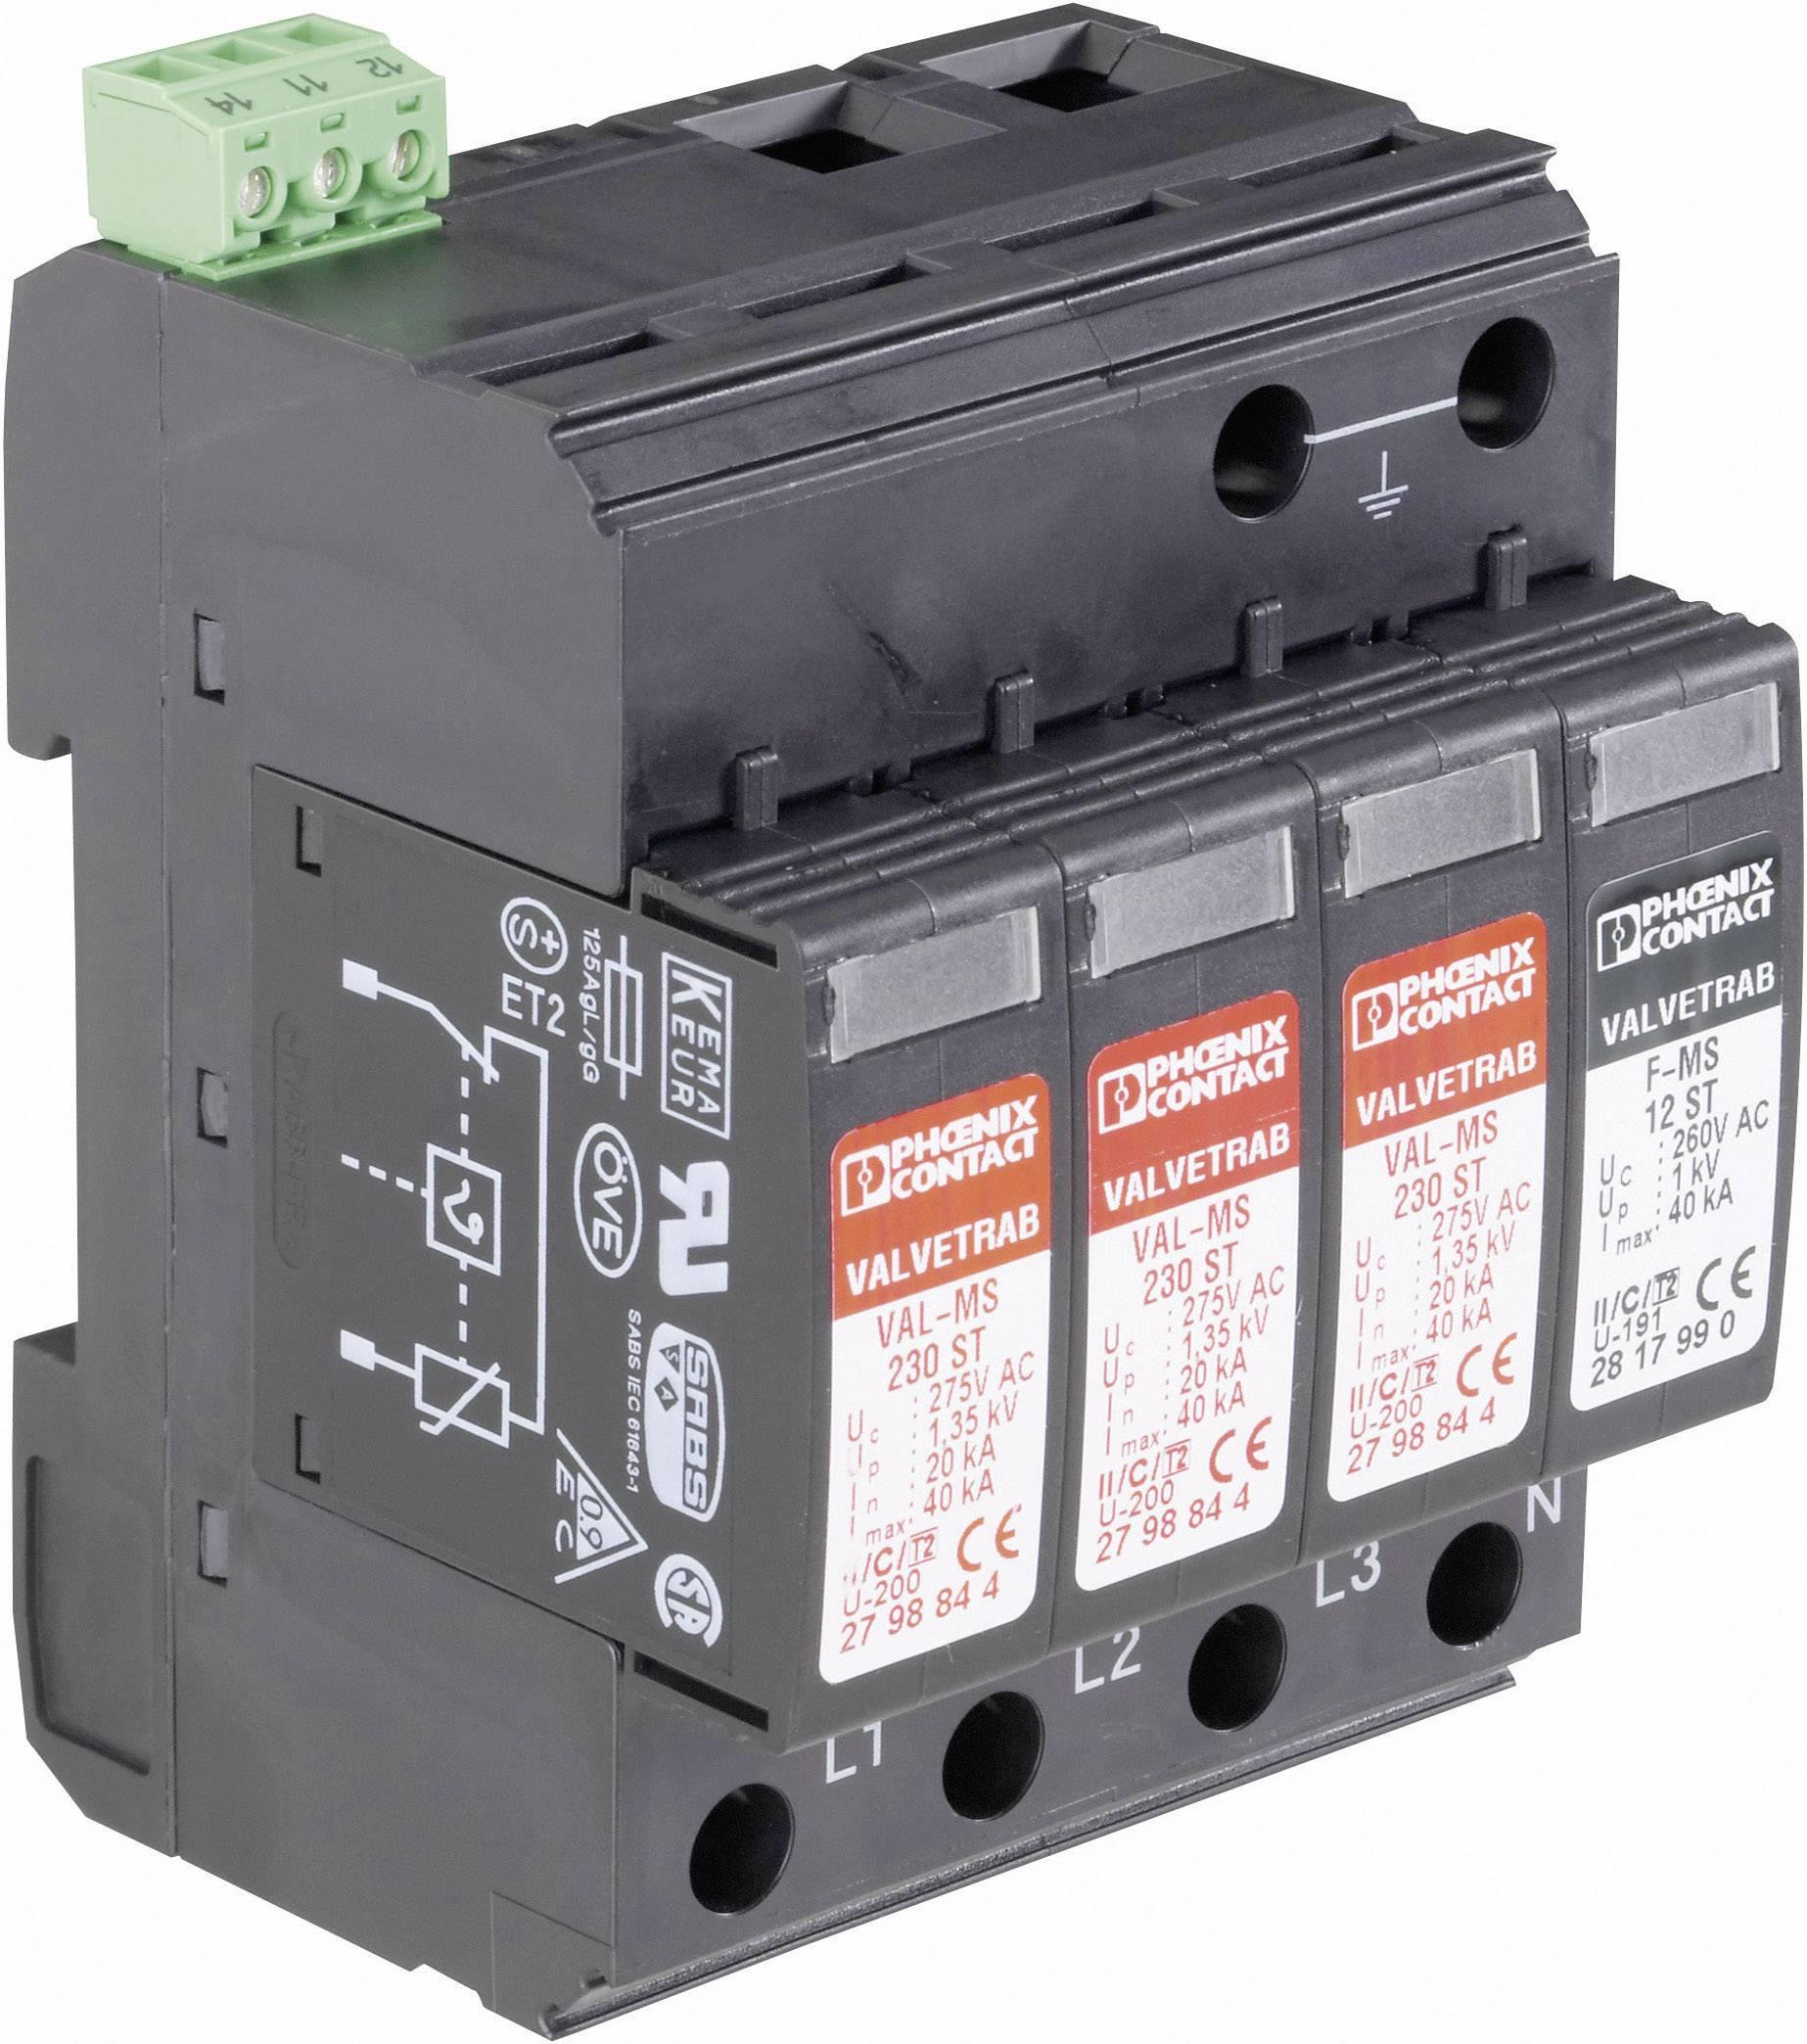 Zvodič pre prepäťovú ochranu Phoenix Contact VAL-MS 230/3+1 FM 2838199, 20 kA